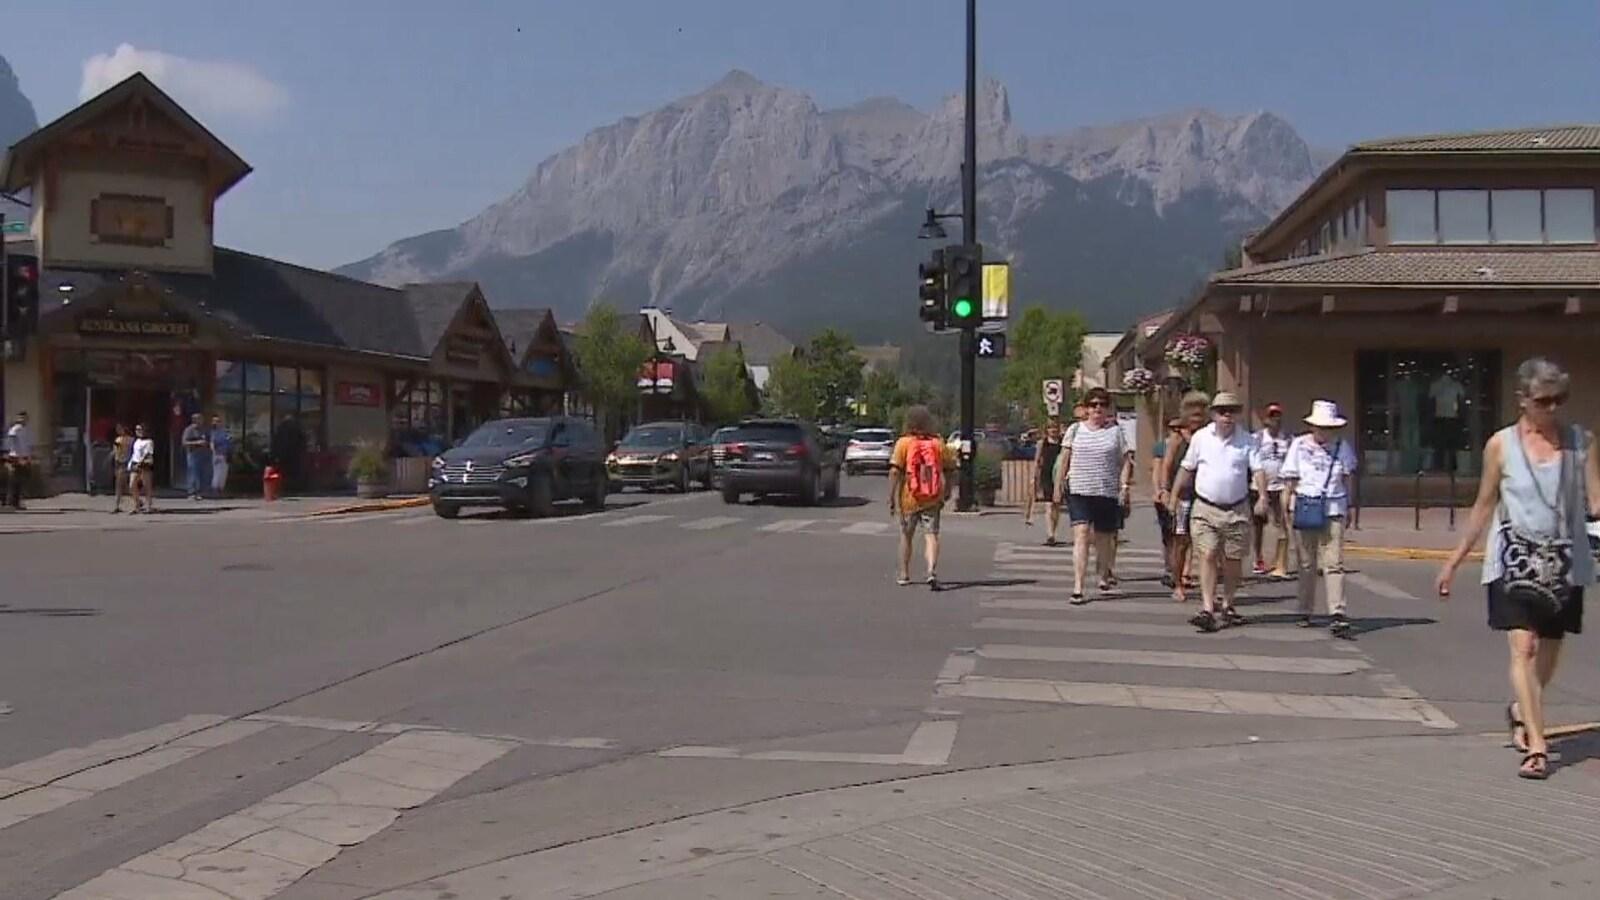 Vue sur une rue principale à Canmore. Des piétons traversent la rue et on voit les montagnes en arrière d'eux.